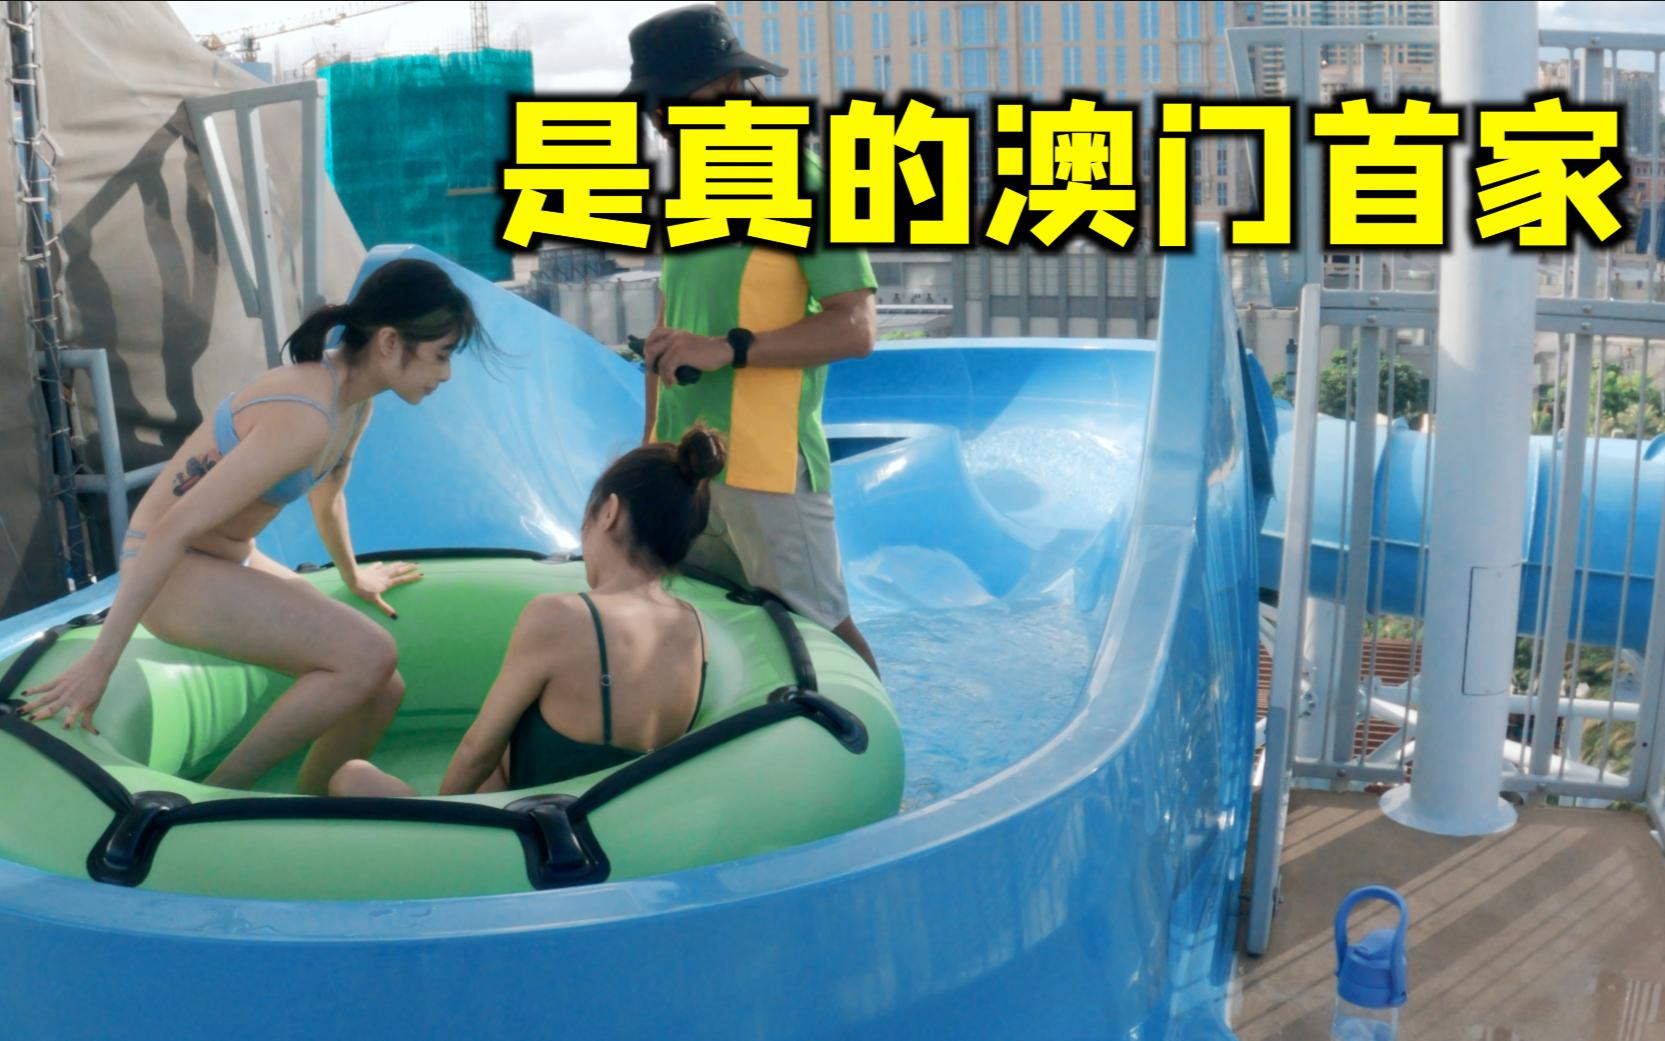 【乃log】澳门首家水上乐园开业啦!